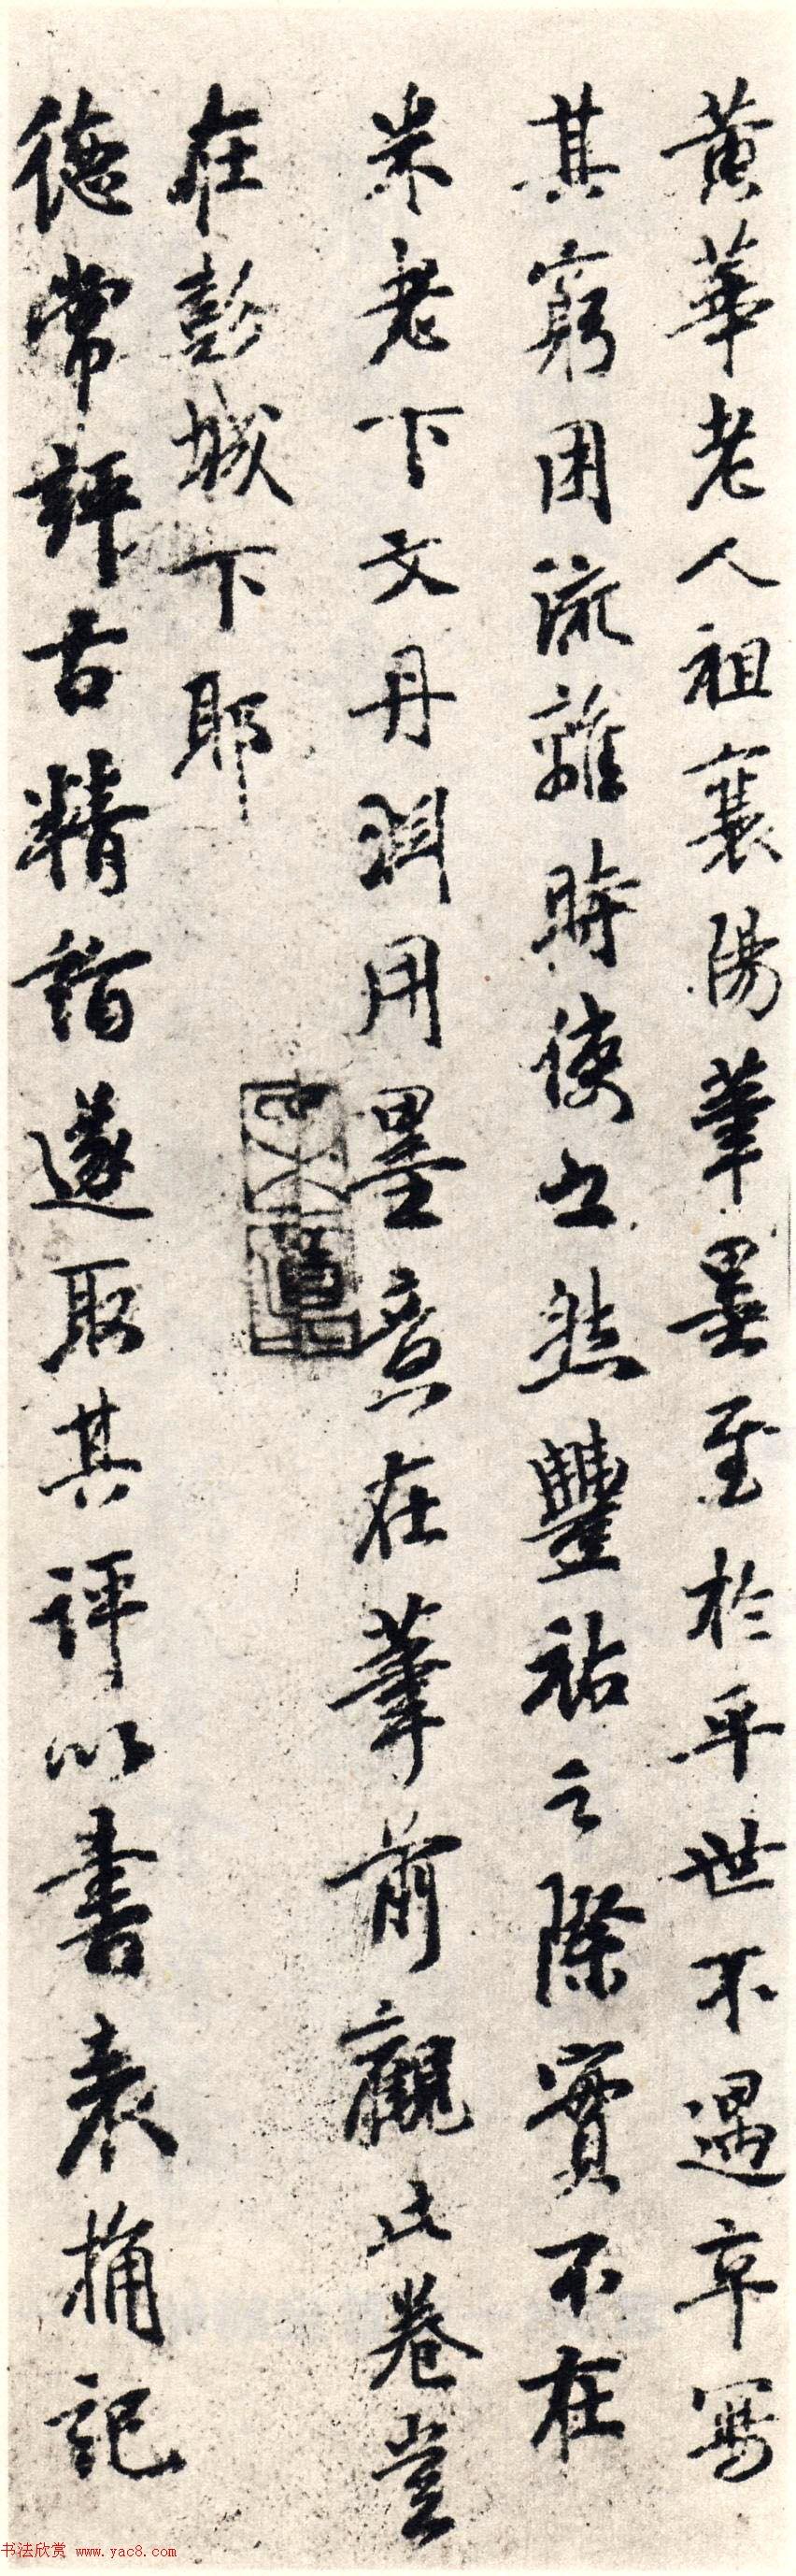 袁桷书法赏析《雅潭帖》与行书跋